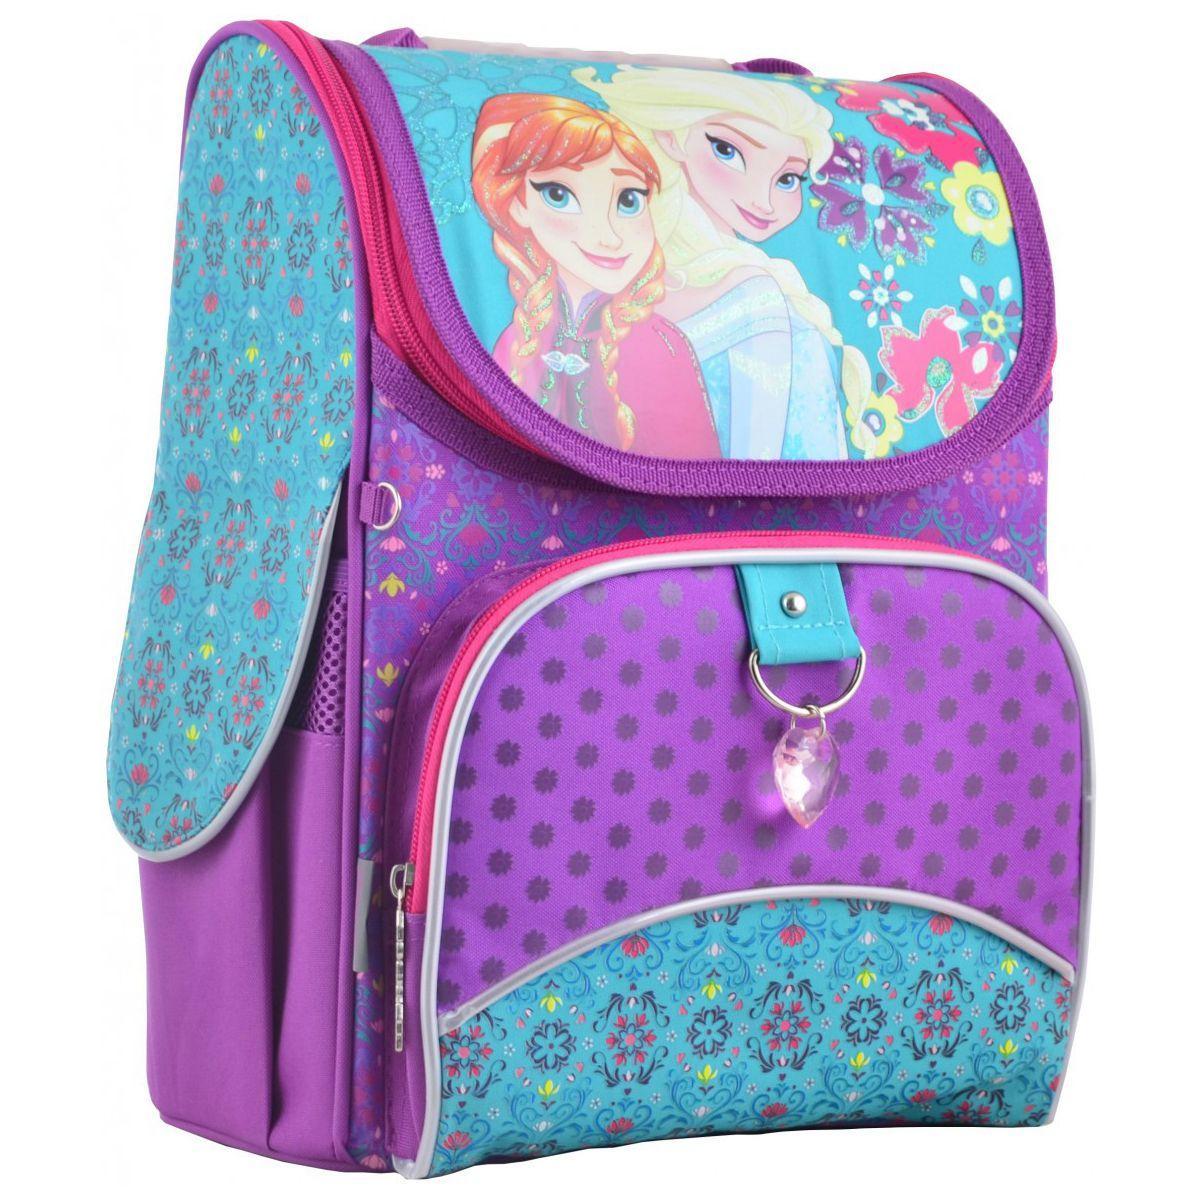 Рюкзак для девочки H-11 Frozen rose, фото 1